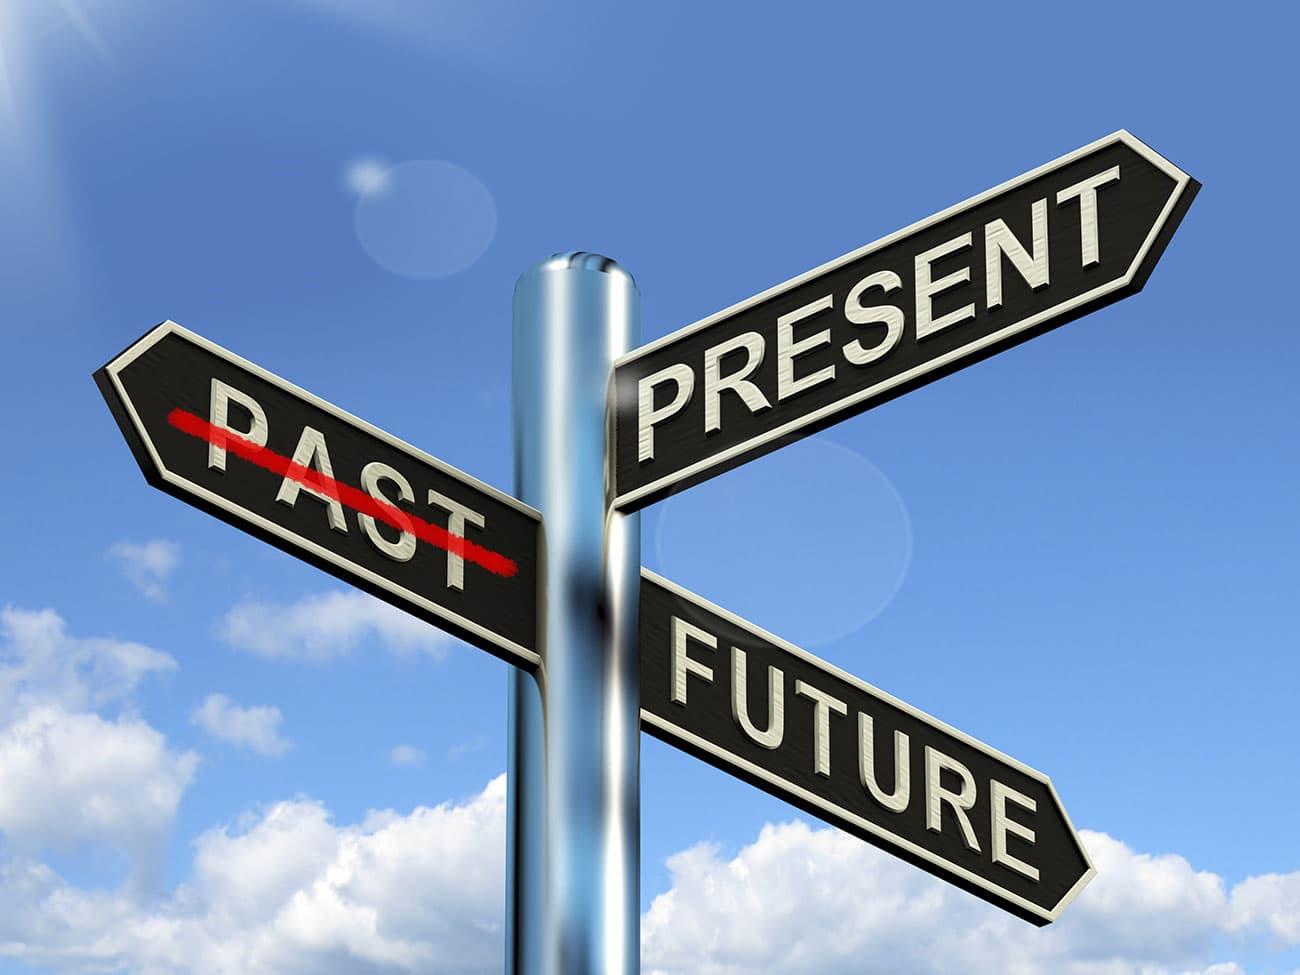 5 obiceiuri nesănătoase la care ar fi bine să renunți chiar acum